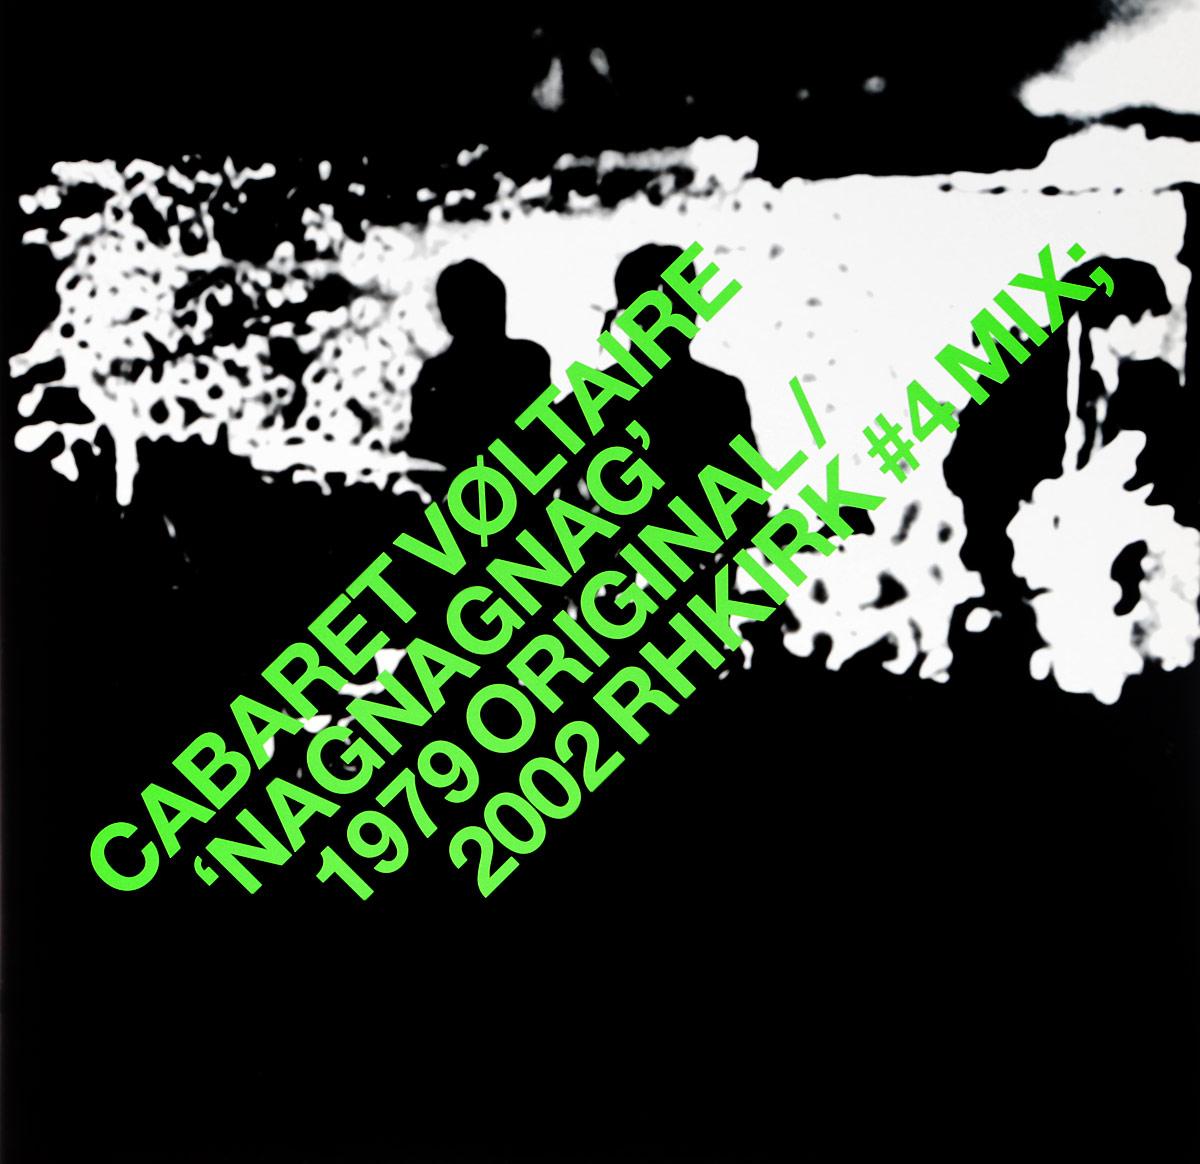 Cabaret Voltaire Cabaret Voltaire. NagNagNag 1979 Original / 2002 RHKirk #4 Mix (LP)